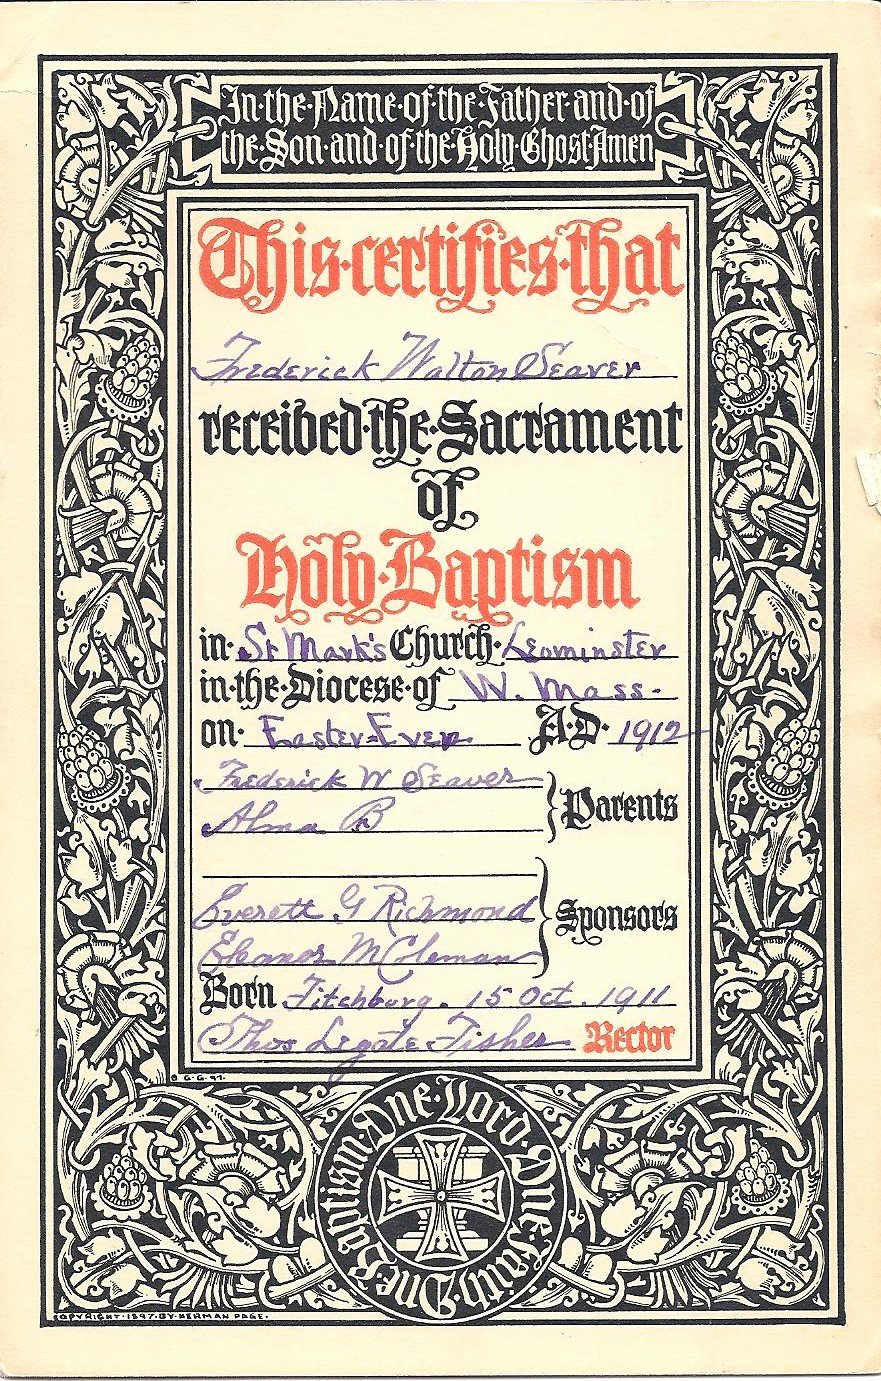 Certificate Of Baptism Word Template Lovely Genea Musings Treasure Chest Thursday Frederick Seaver